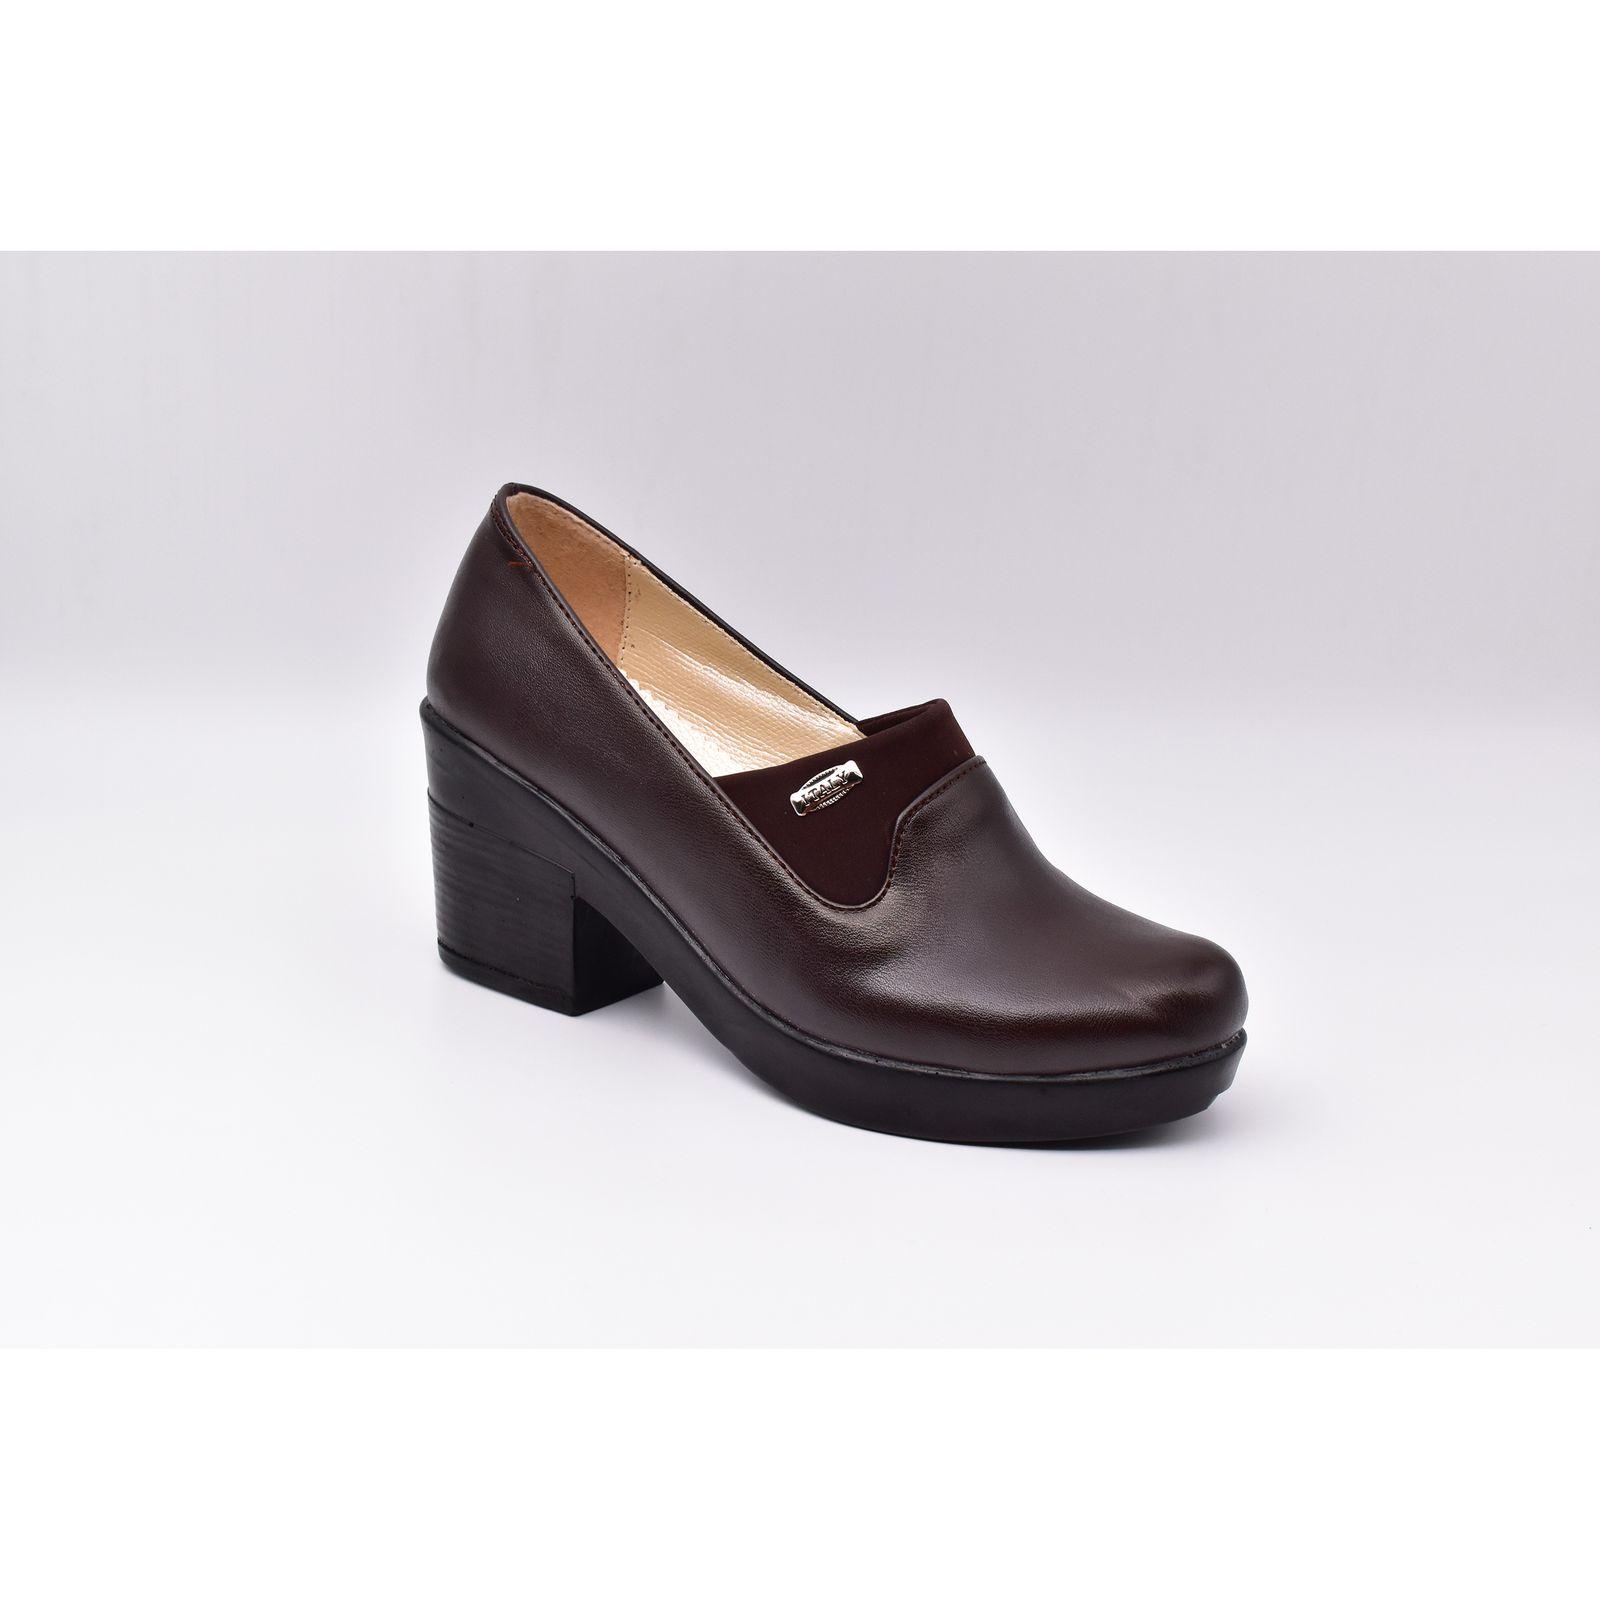 کفش زنانه مدل سحر کد 6975 -  - 6